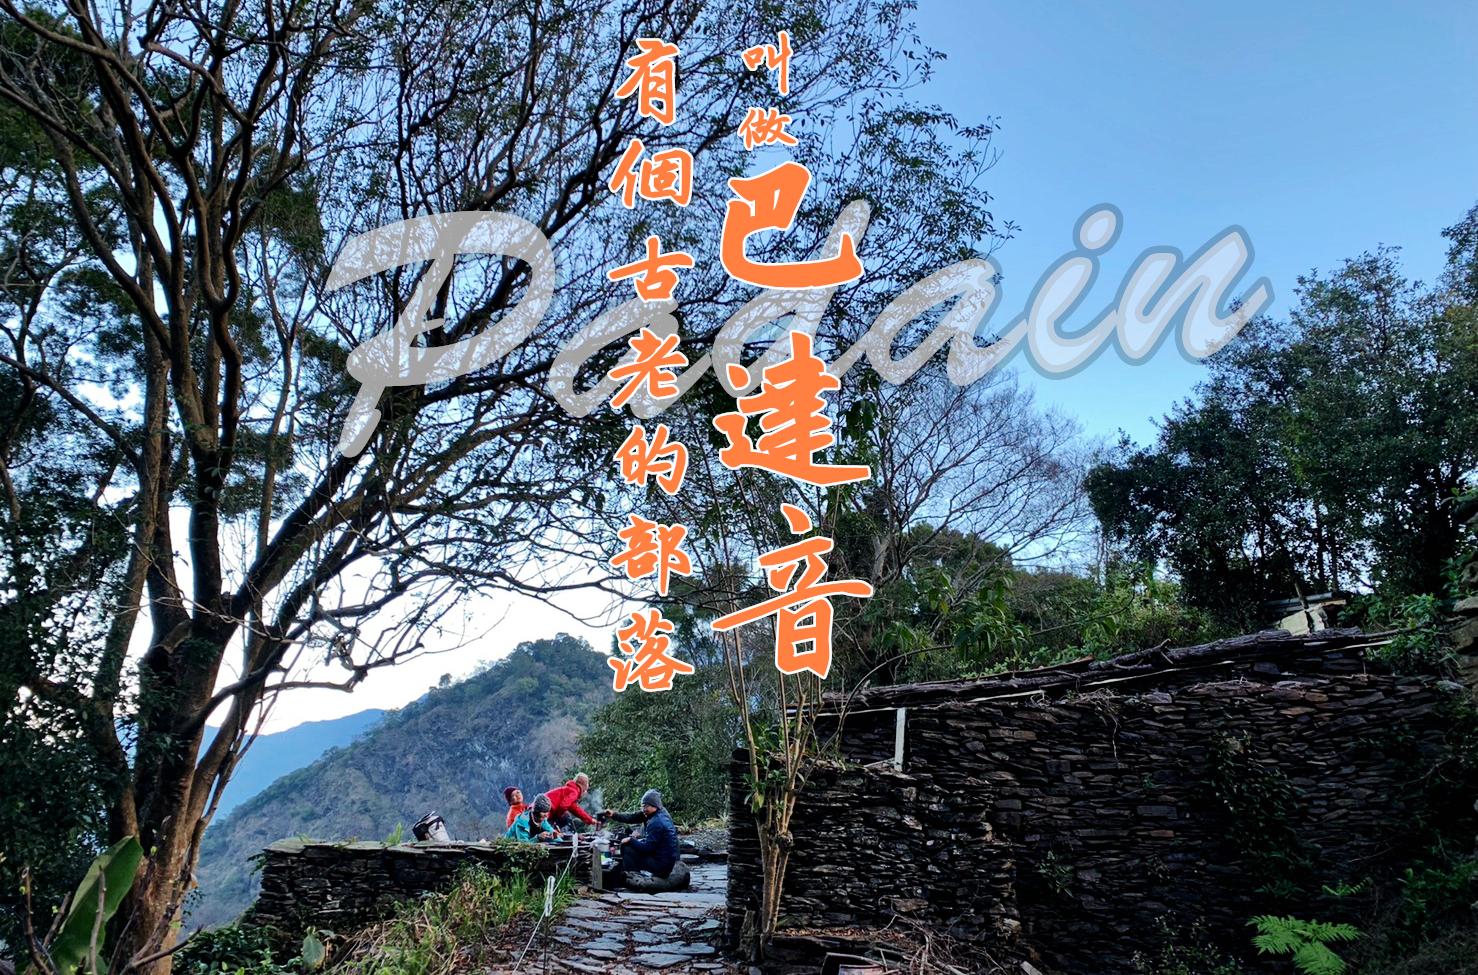 [高燕部落]眾神的領地,有個古老的部落叫做Padain。